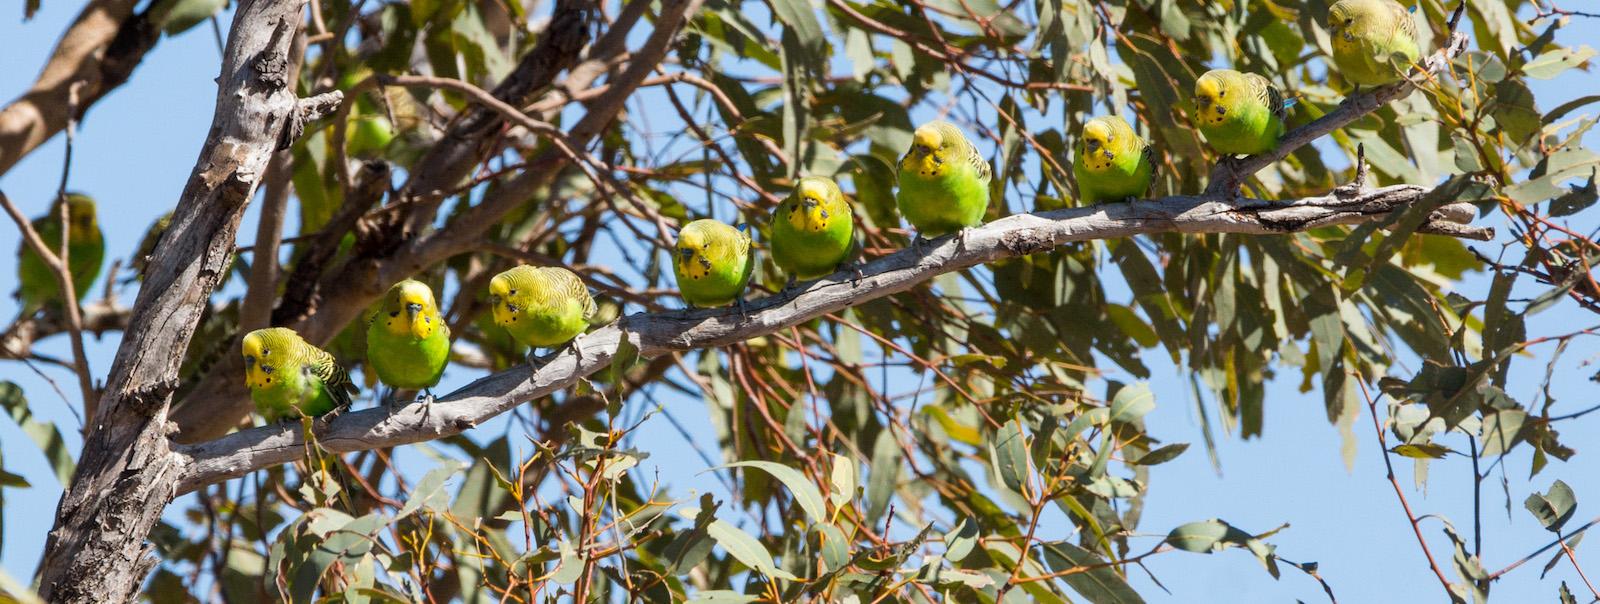 Budgerigar (Melopsittacus undulatus), Sturt National Park, NSW, Australia (Photo: David Cook/Flickr)